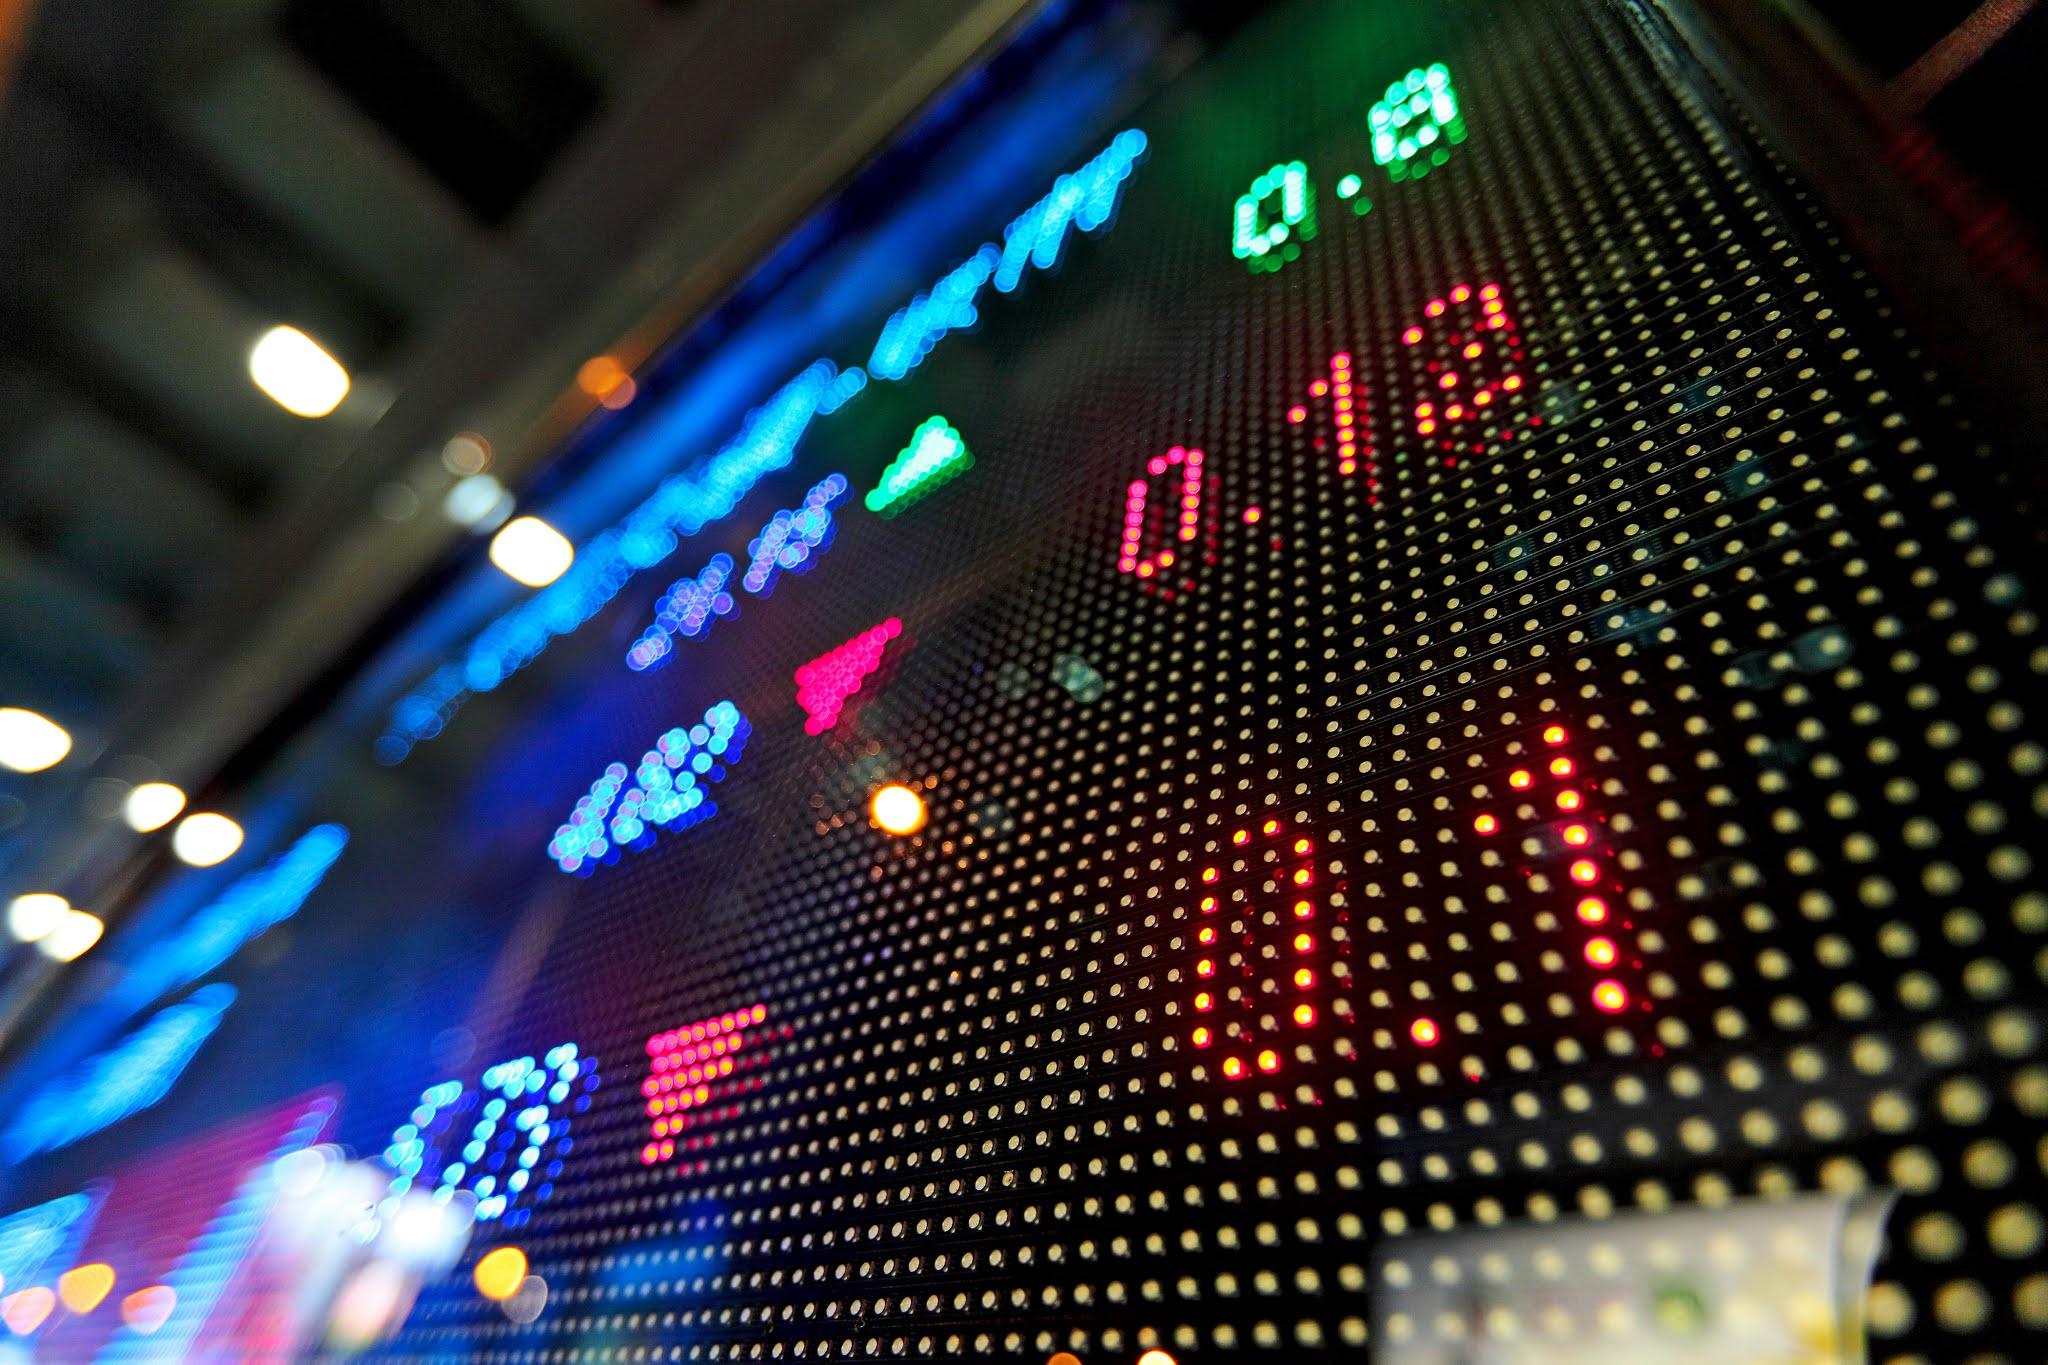 1.25 تريليون درهم القيمة السوقية لأسهم أسواق في دولة الإمارات